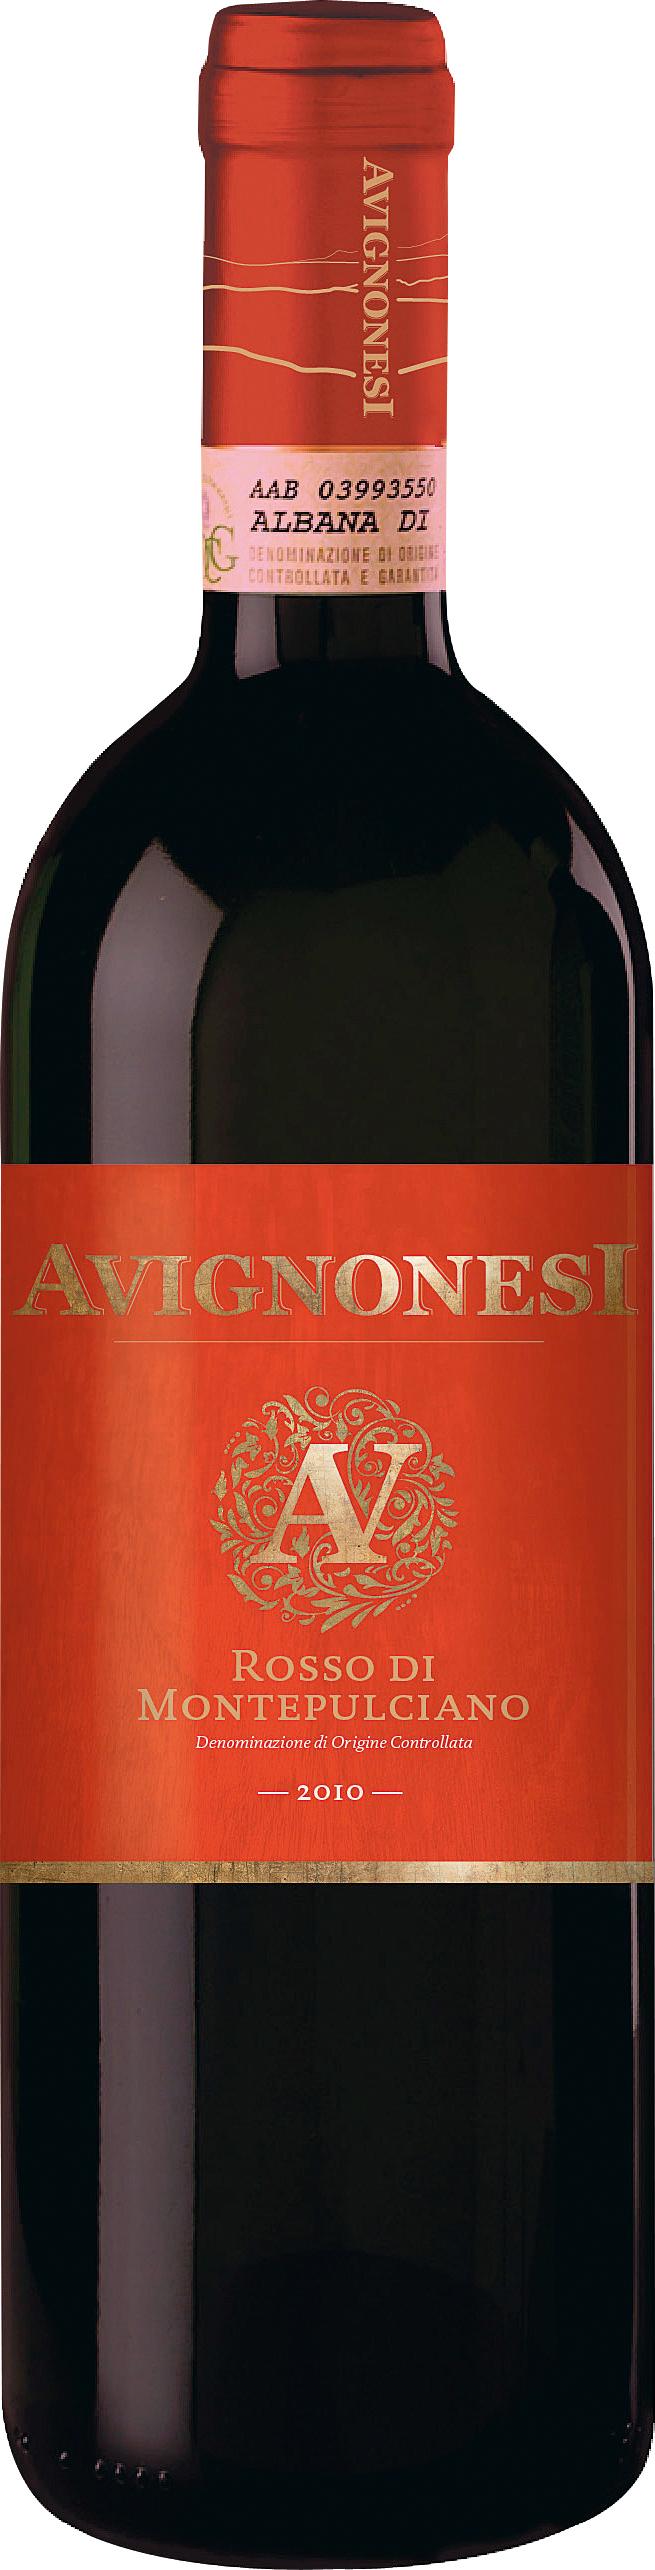 Avignonesi Rosso di Montepulciano 2013 Magnum